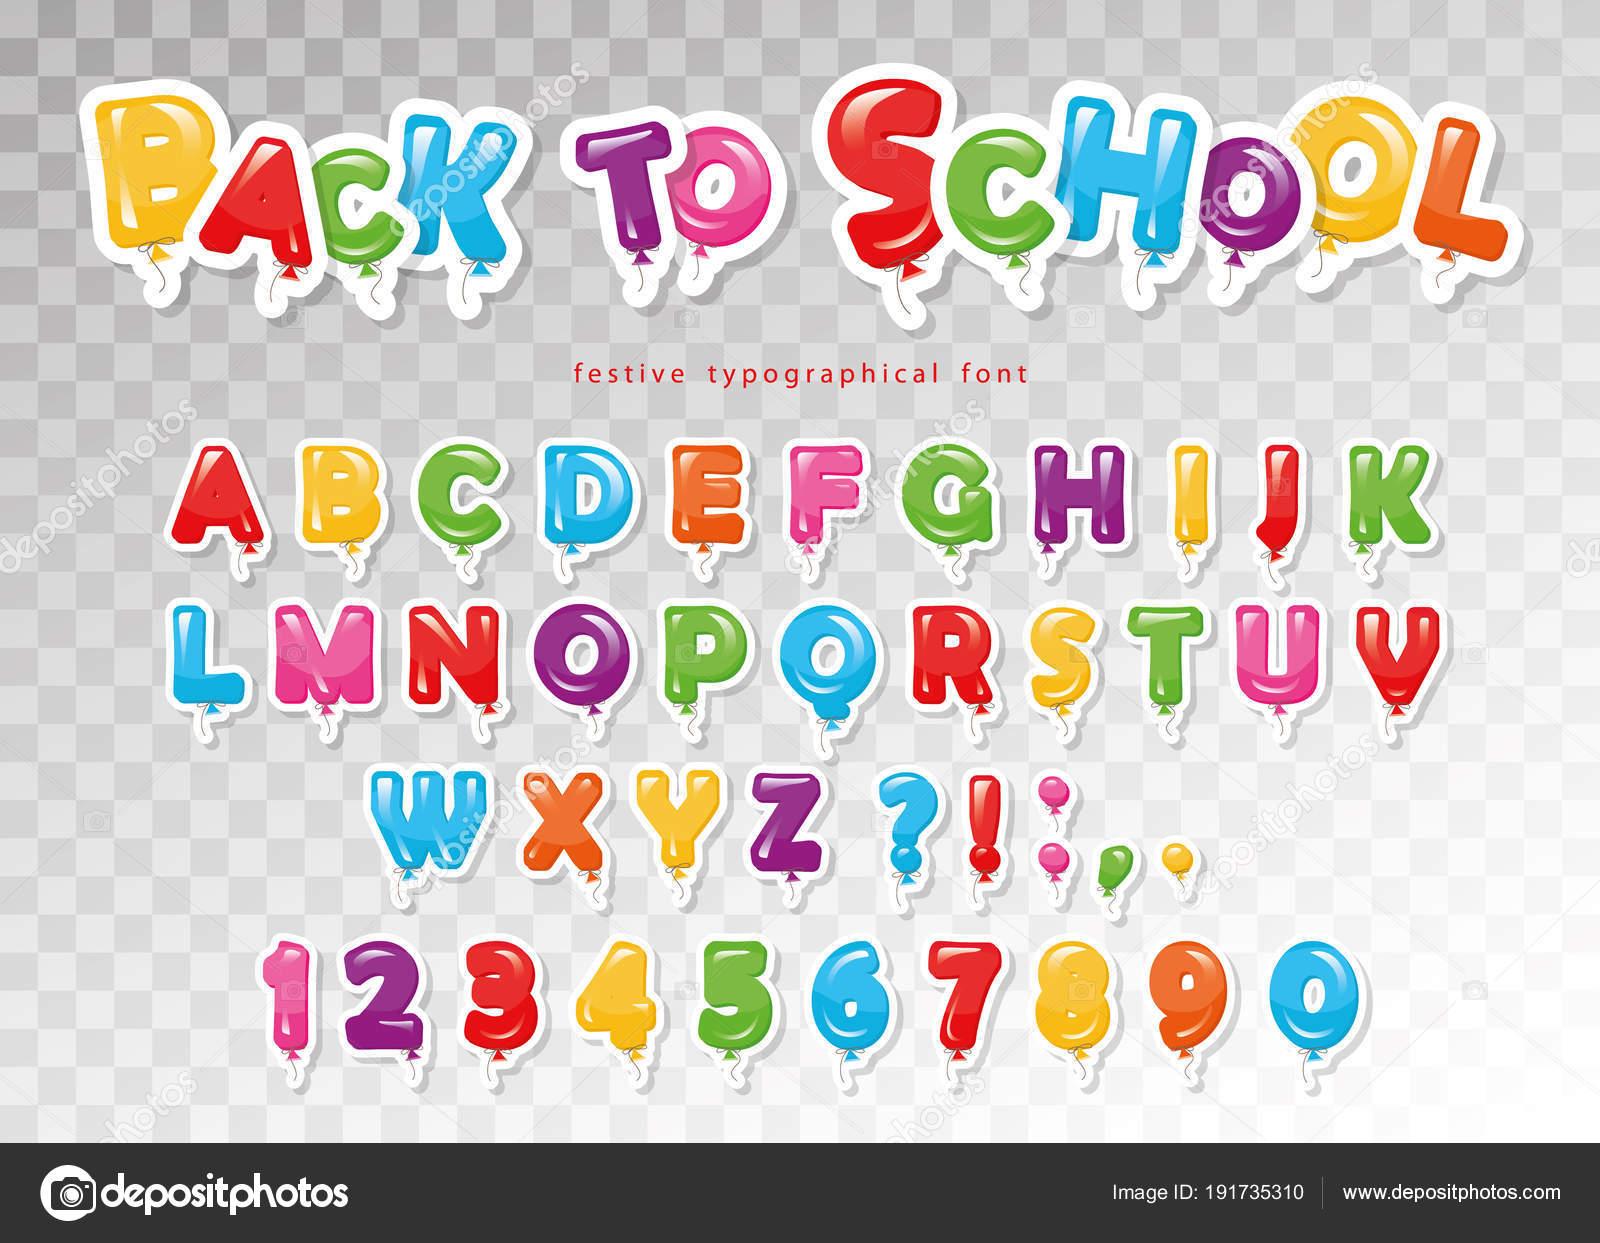 Abc Verjaardag.Terug Naar School Ballon Papier Knipsel Lettertype Voor